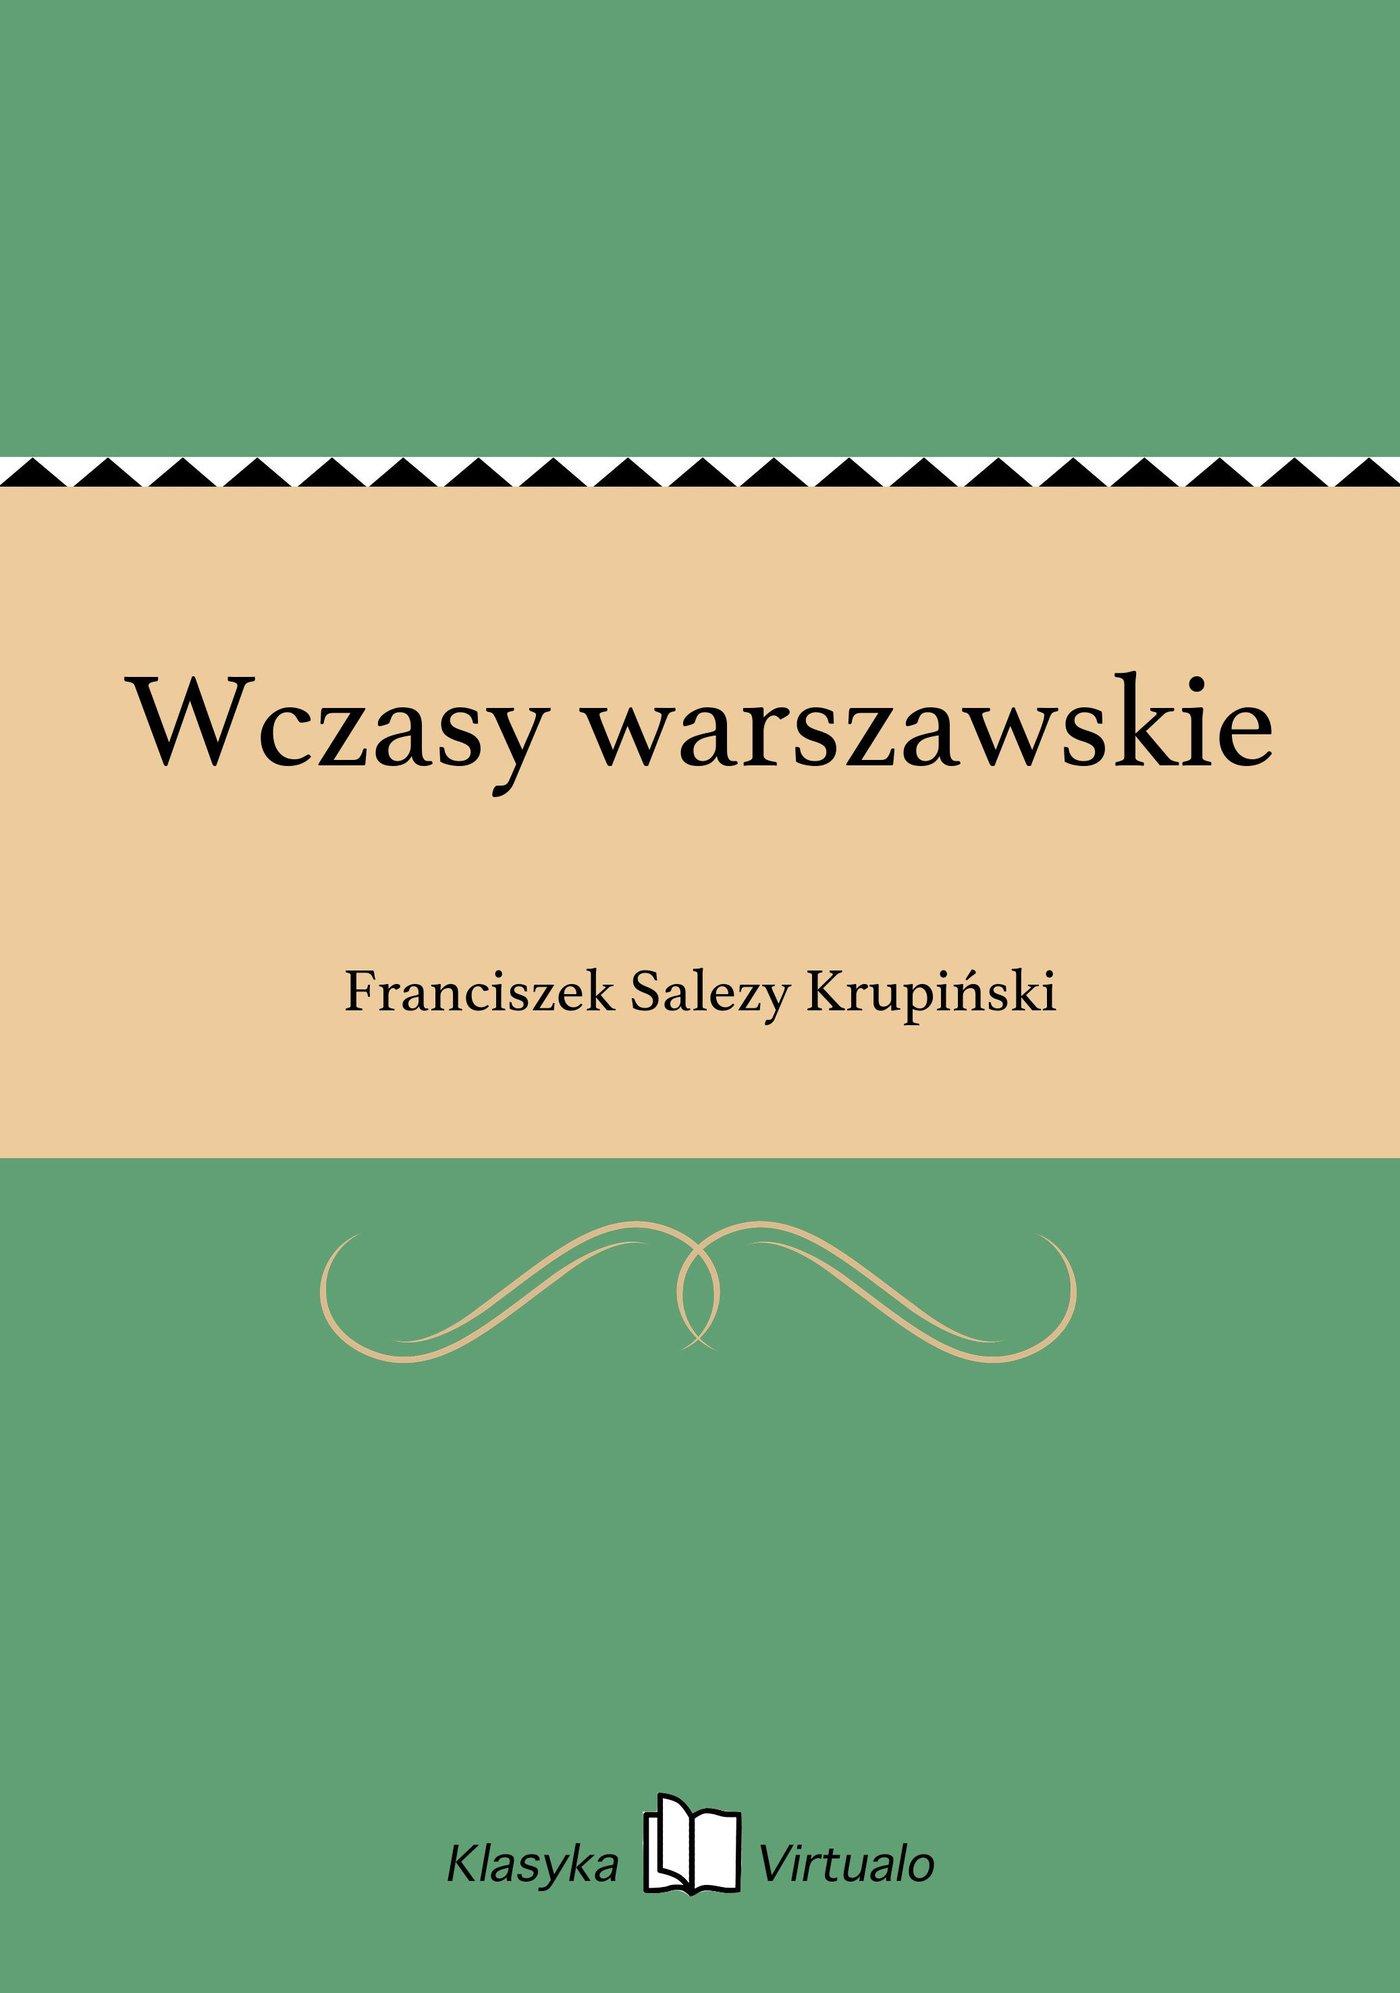 Wczasy warszawskie - Ebook (Książka EPUB) do pobrania w formacie EPUB